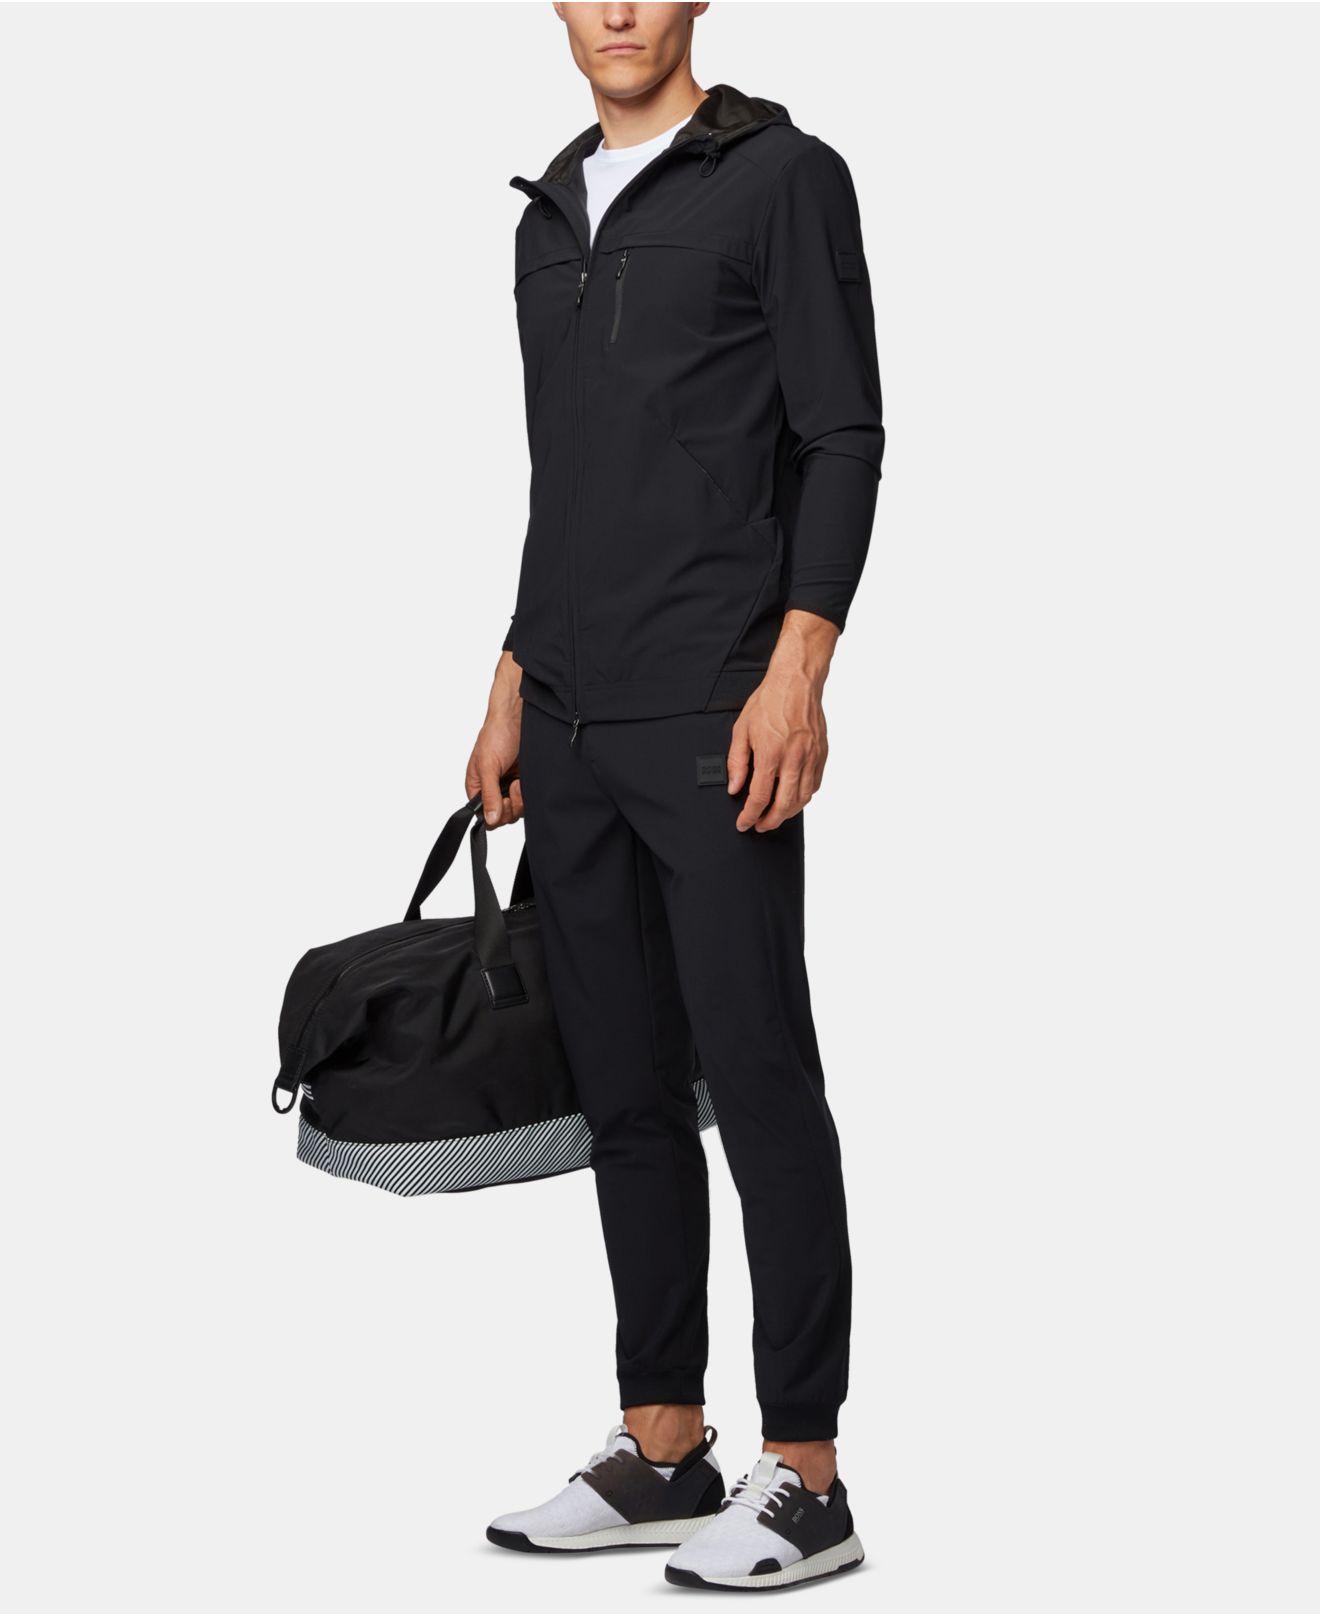 eda08b9c BOSS Swoven Hooded Zip-through Sweatshirt in Black for Men - Lyst